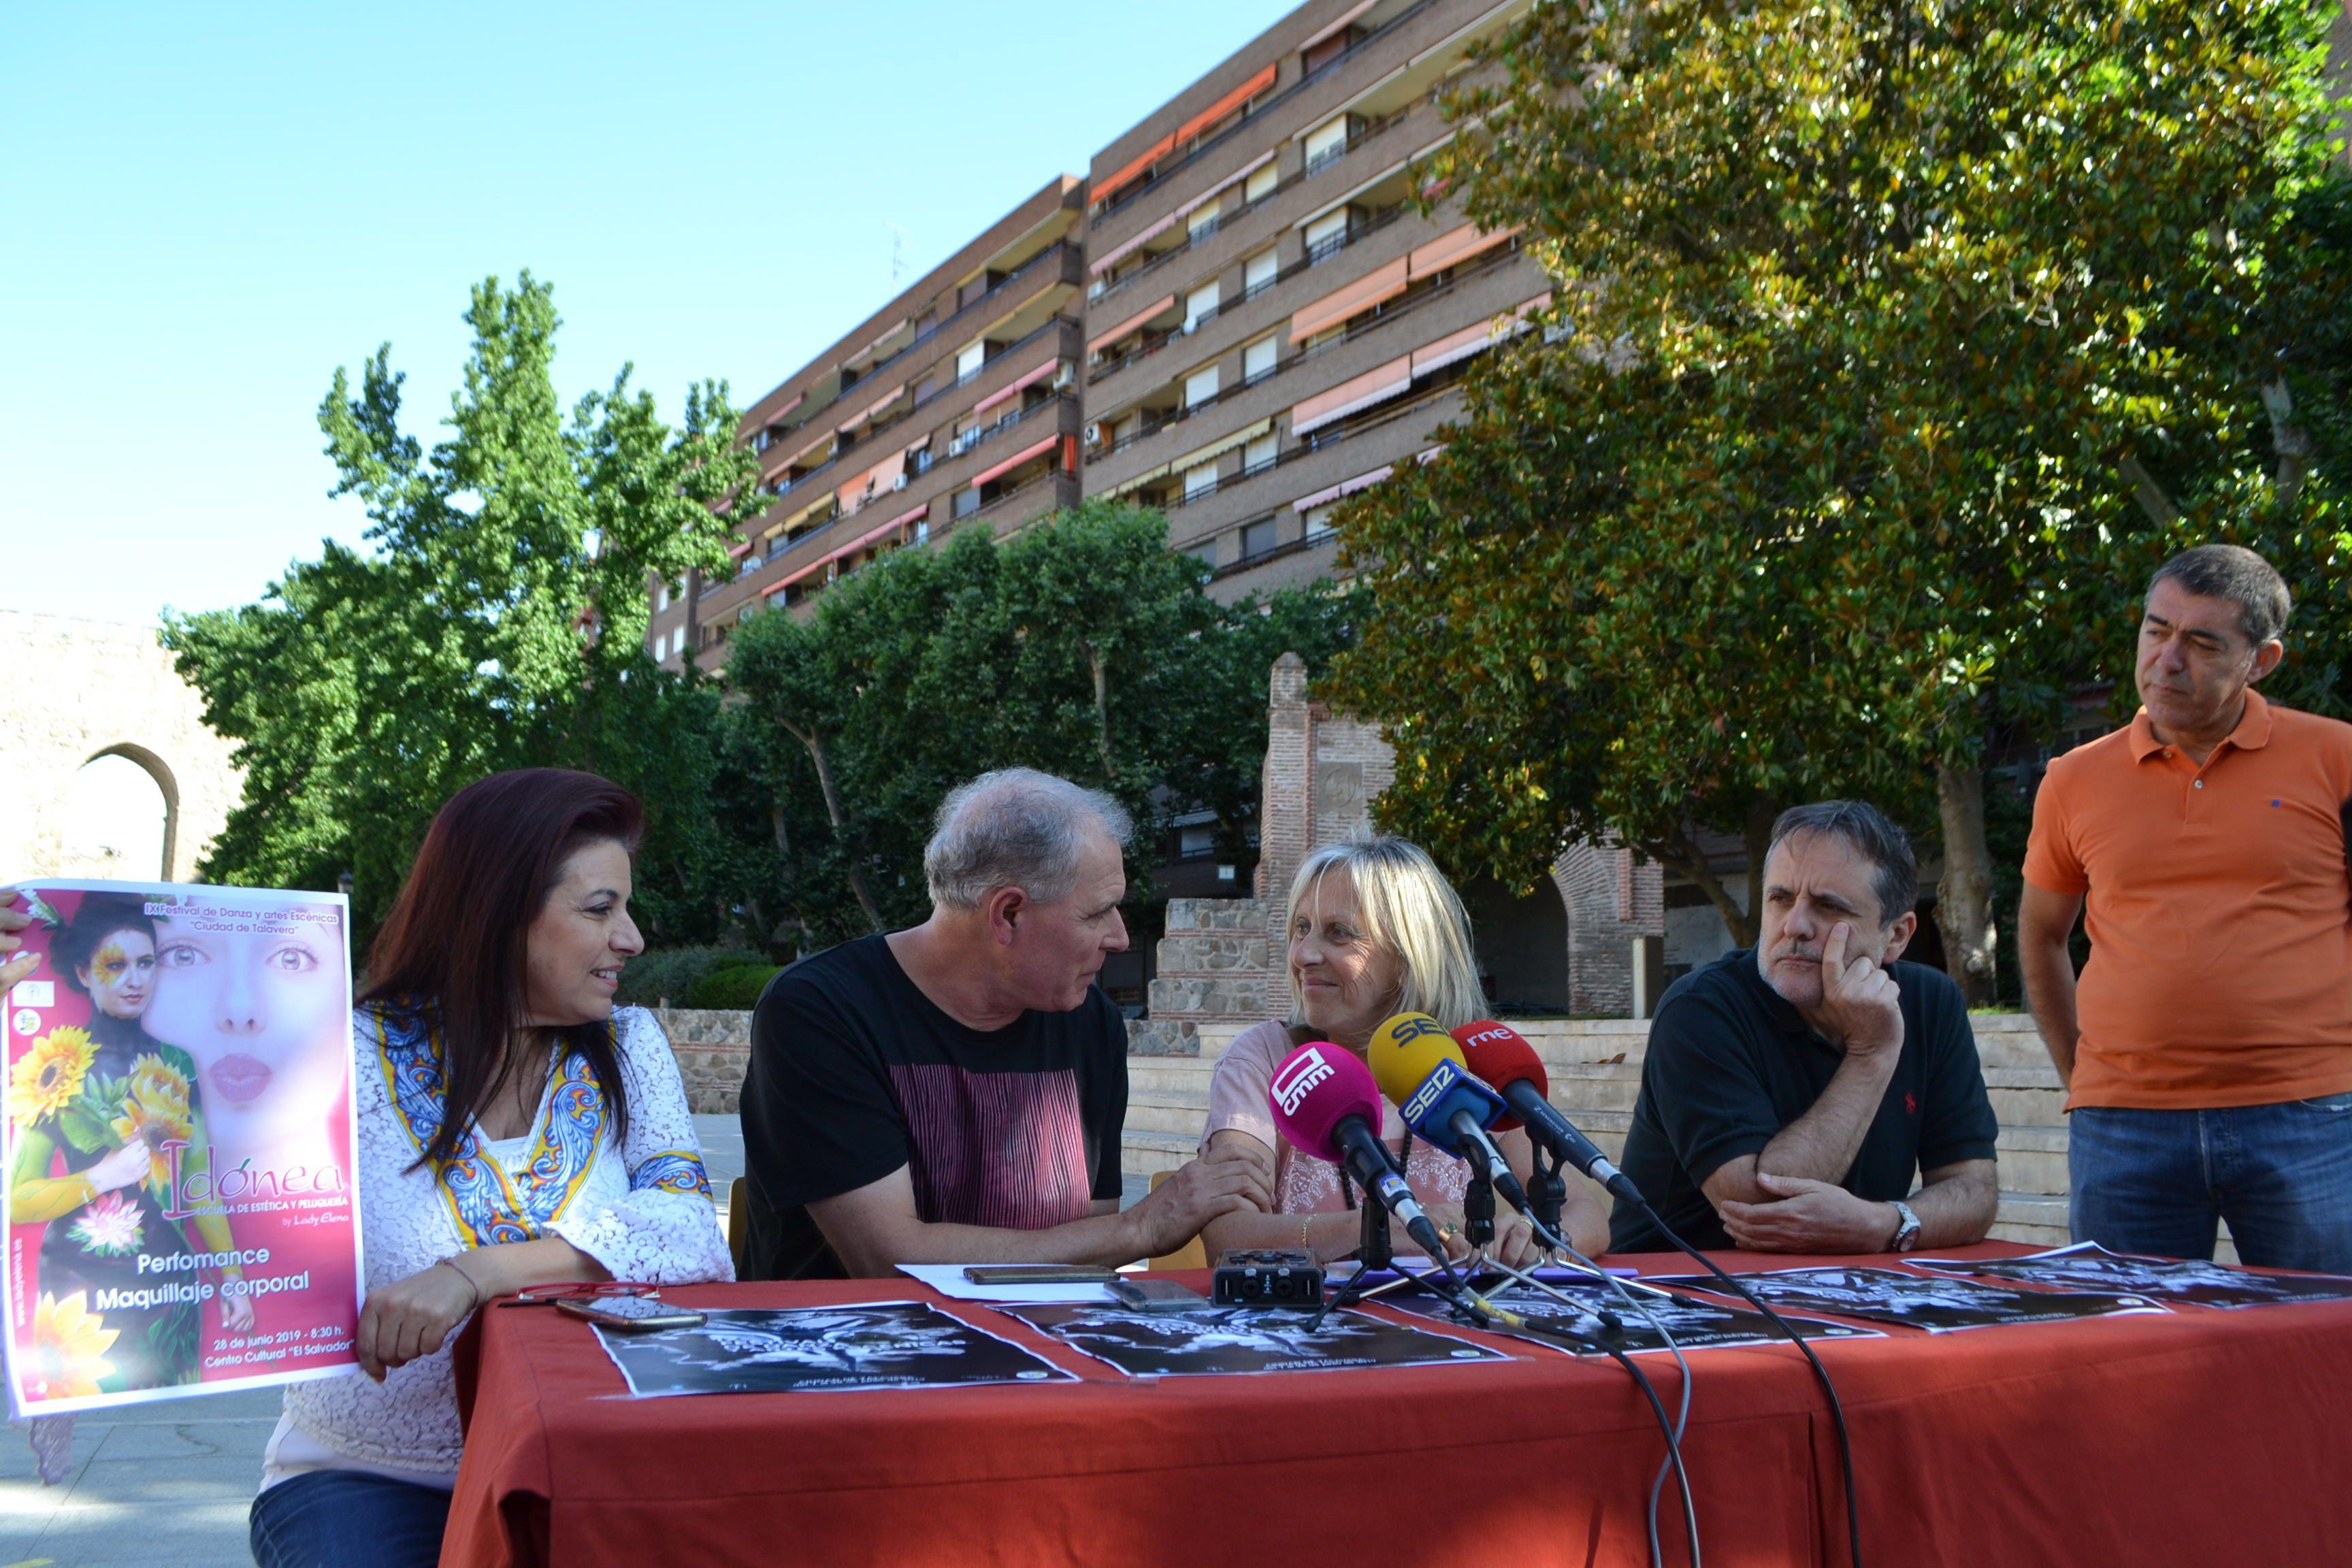 550 actores y bailarines actuarán en el IX Festival de Danzas y Artes Escénicas Ciudad de Talavera